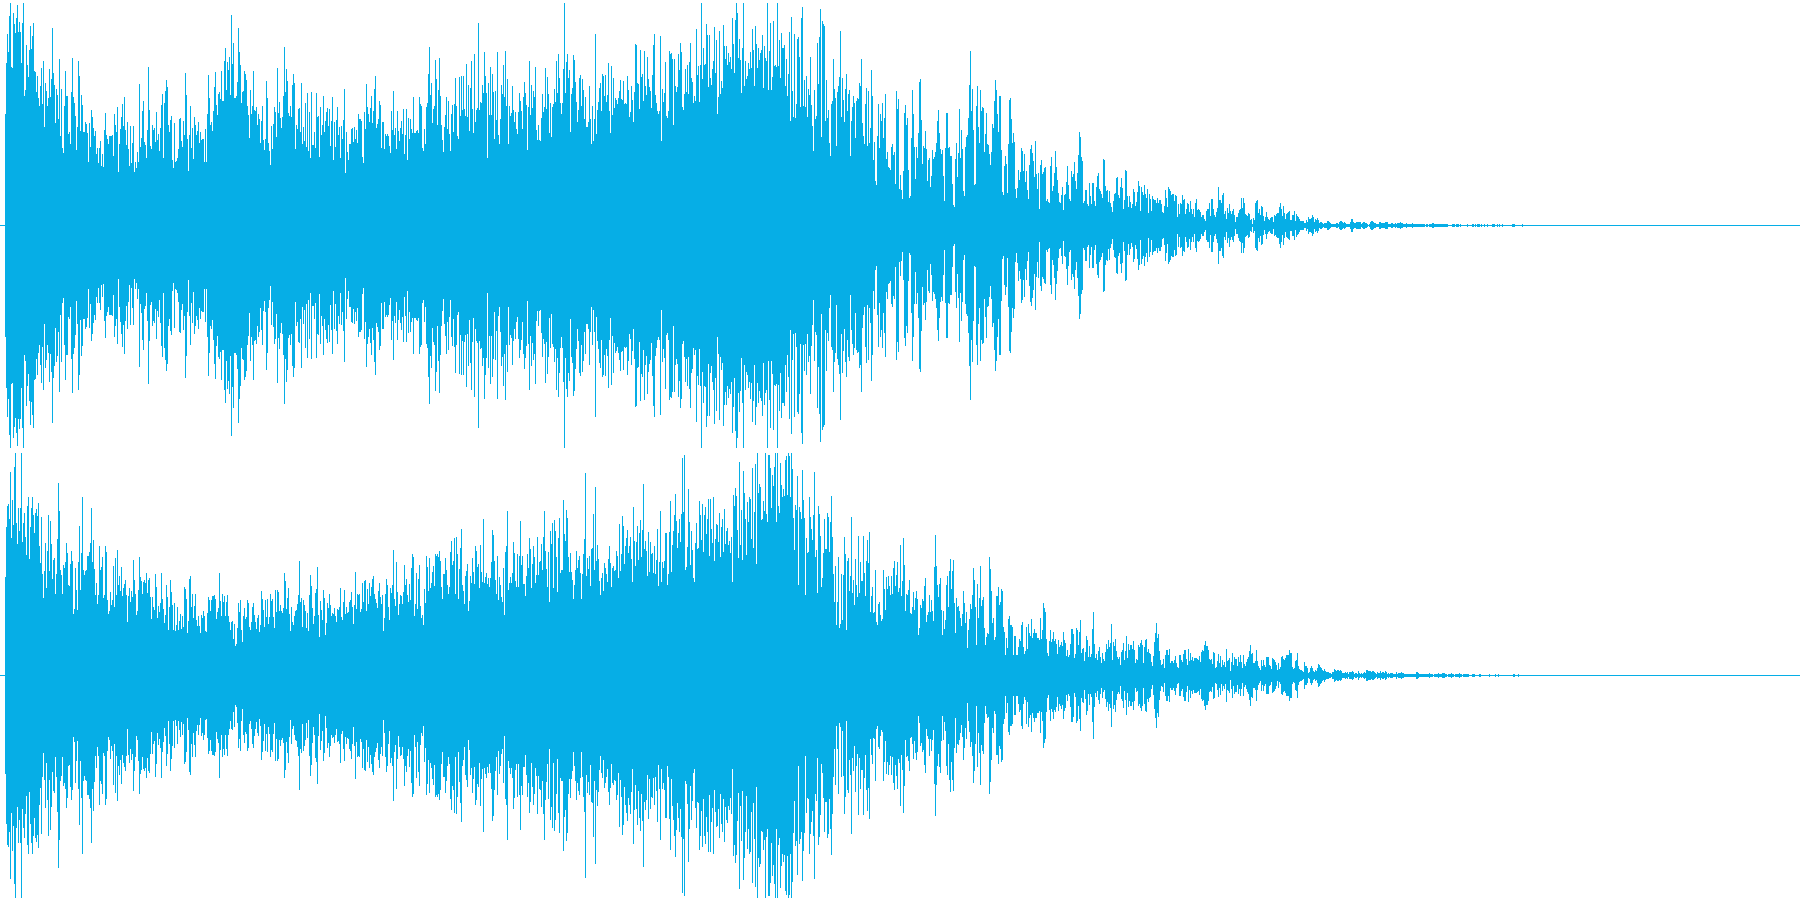 ホラゲーで使える緊張感のある効果音の再生済みの波形